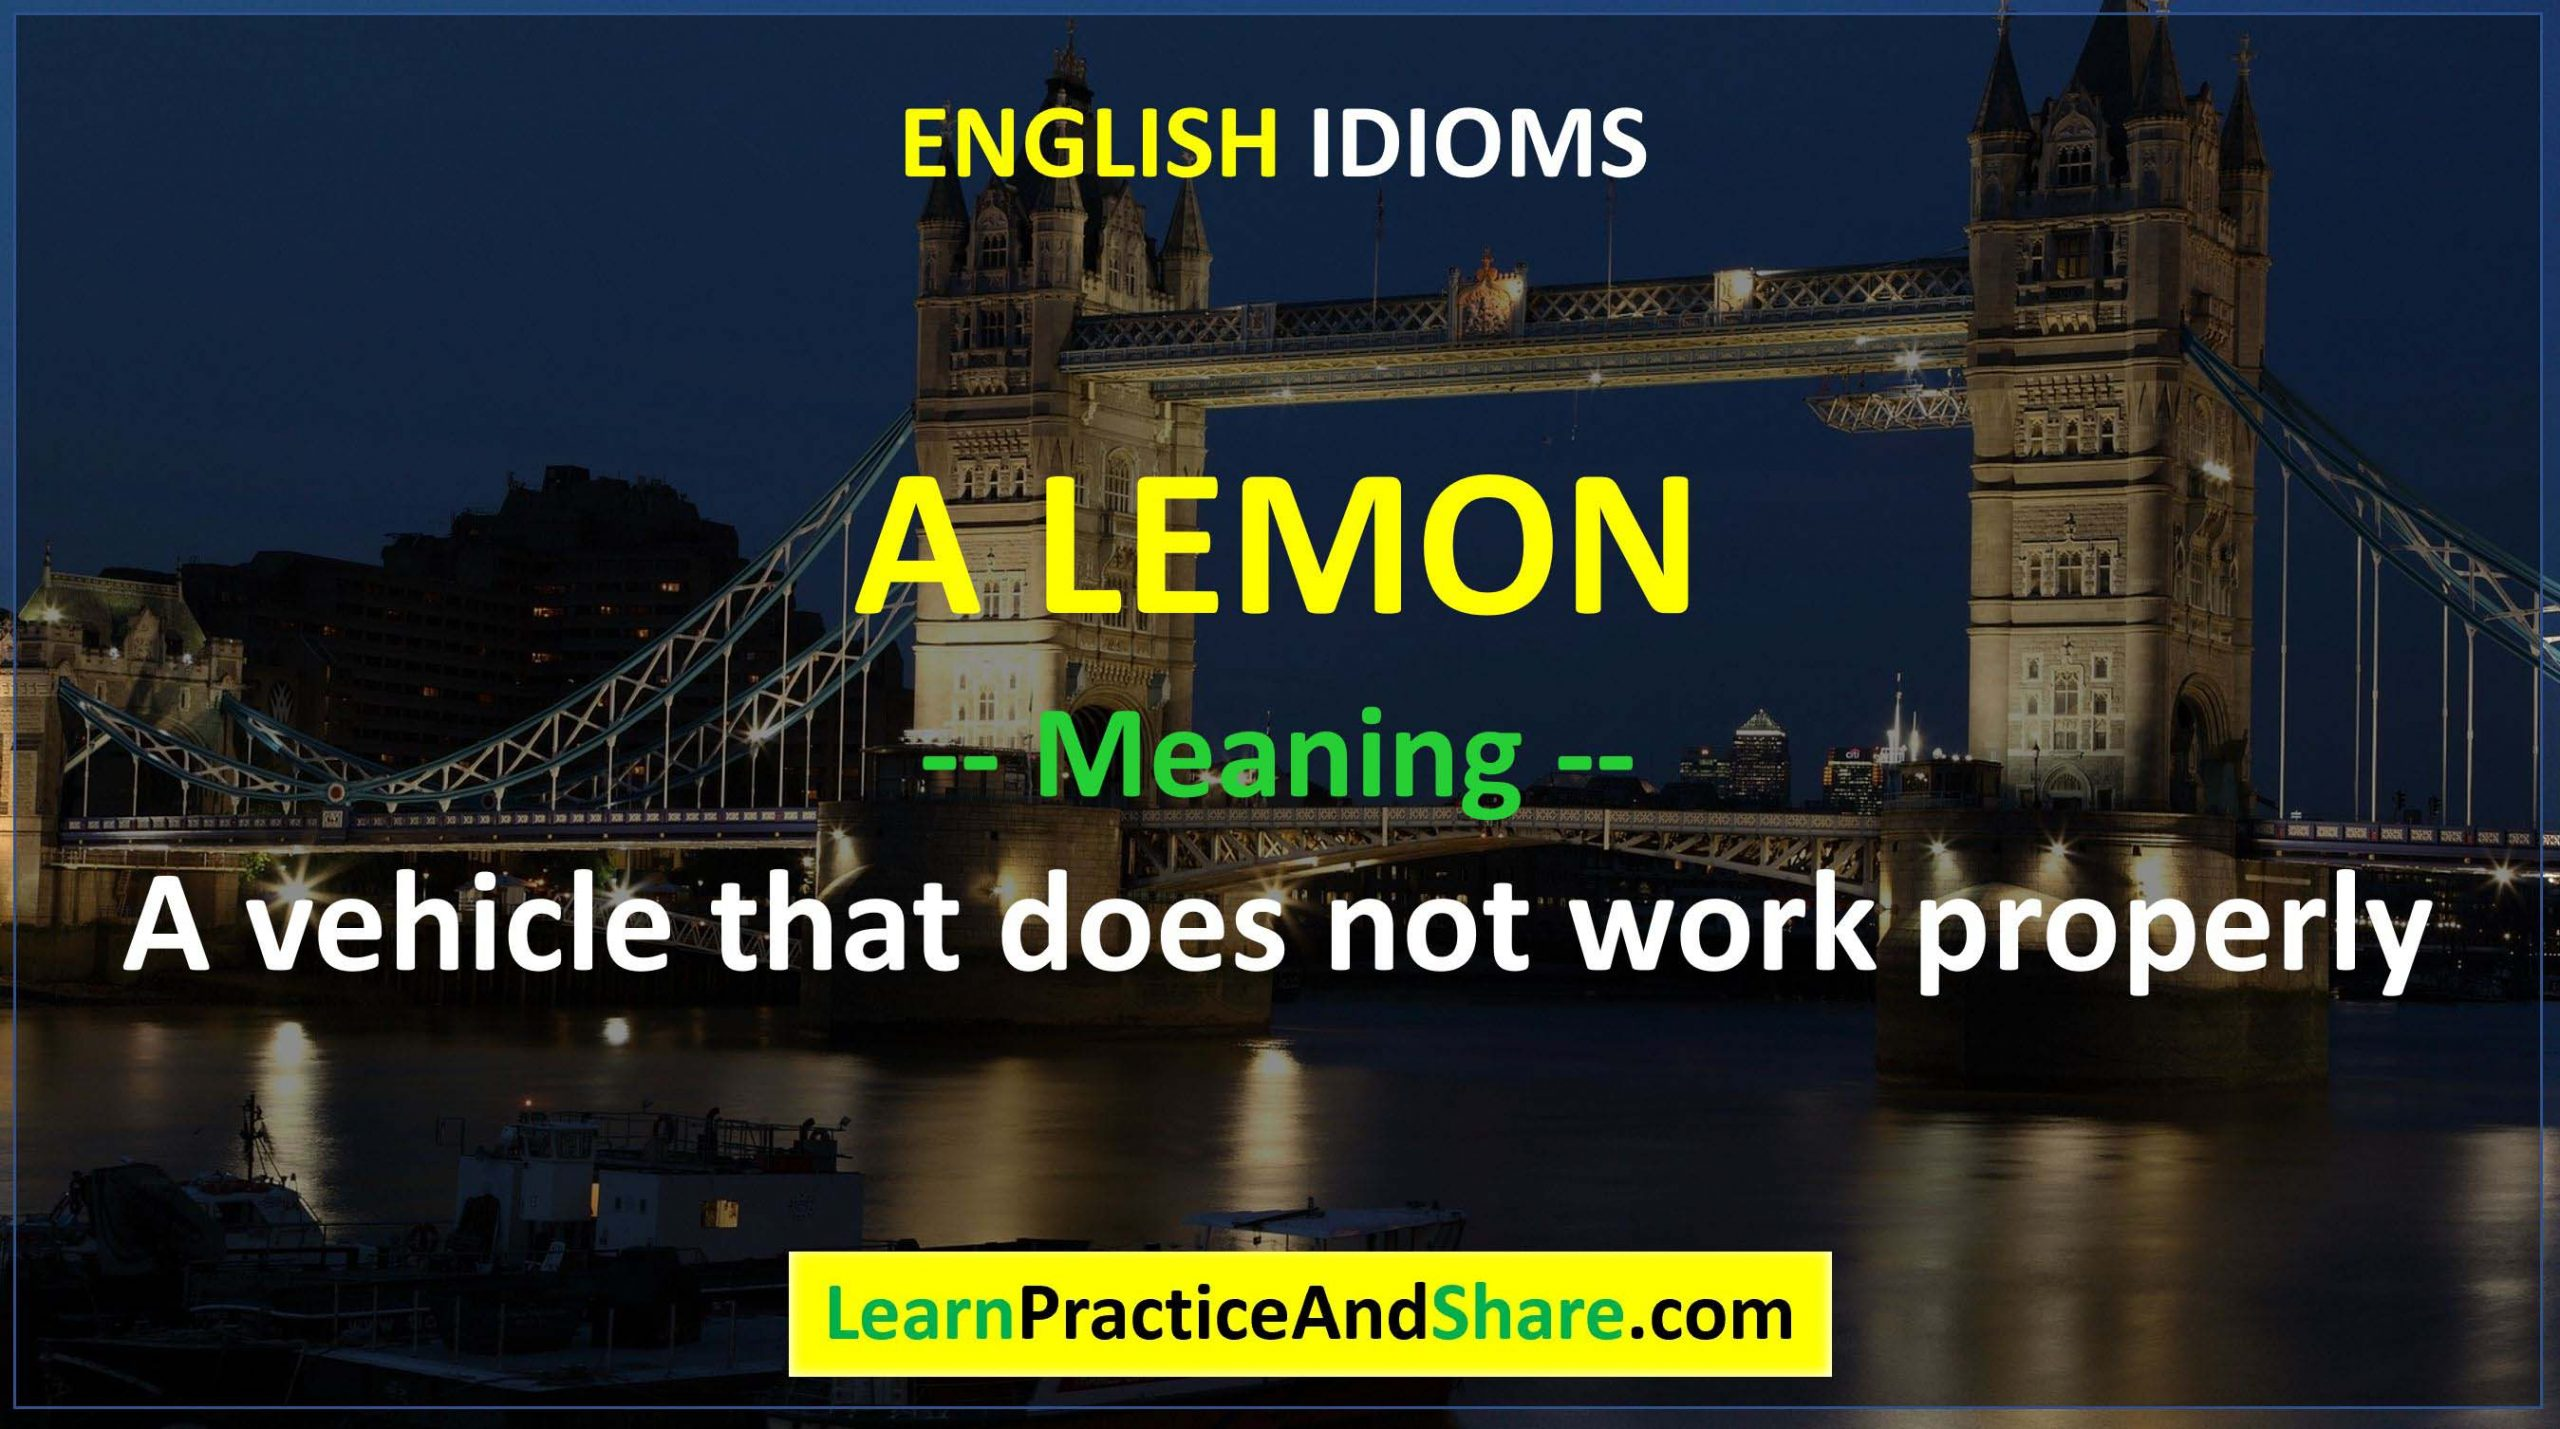 English Idiom - A Lemon